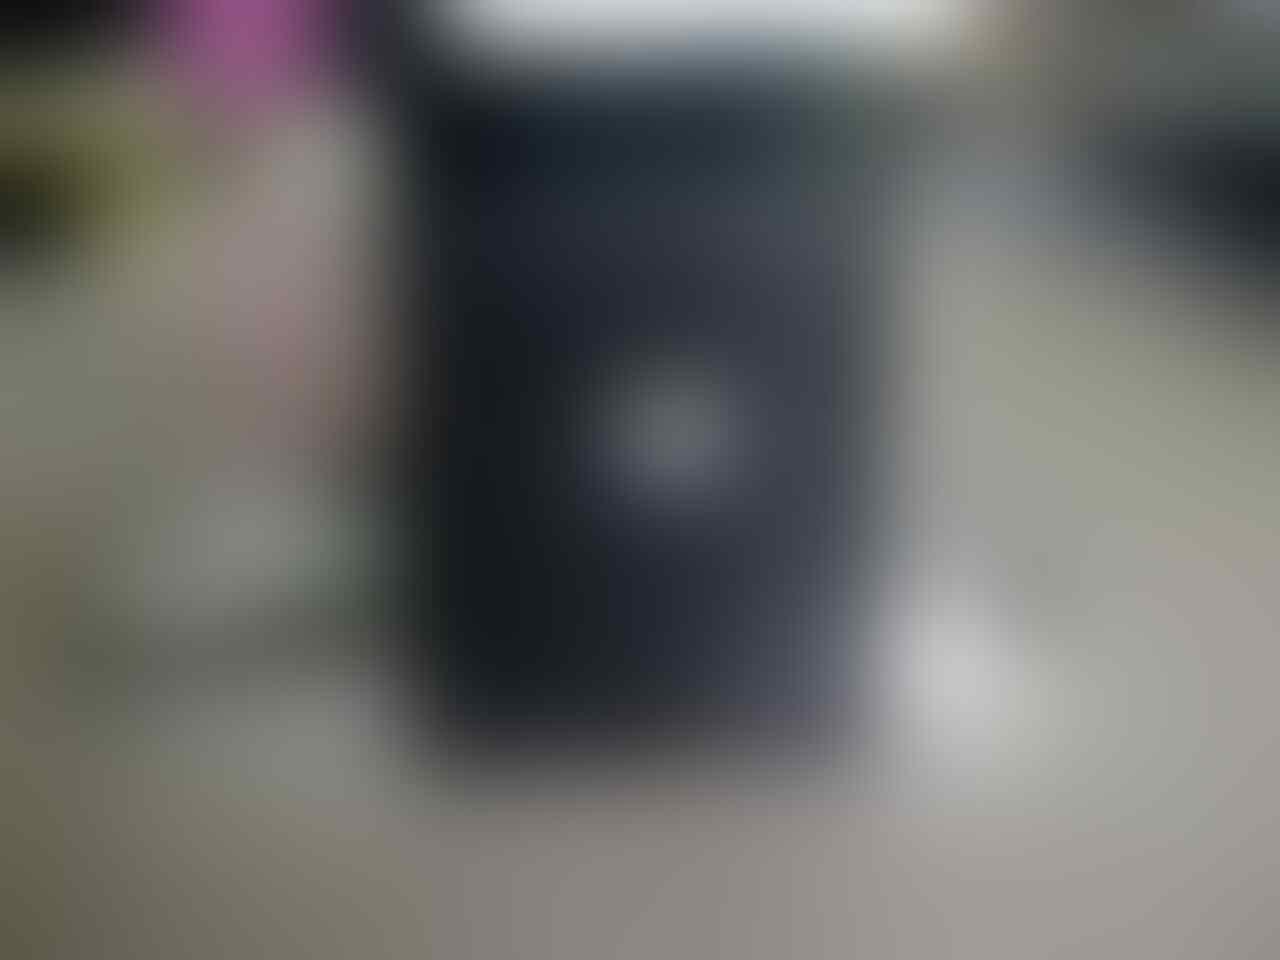 Battery/Batere/Baterai n Charger Blackberry BB Original RIM100% garansi uang kembali